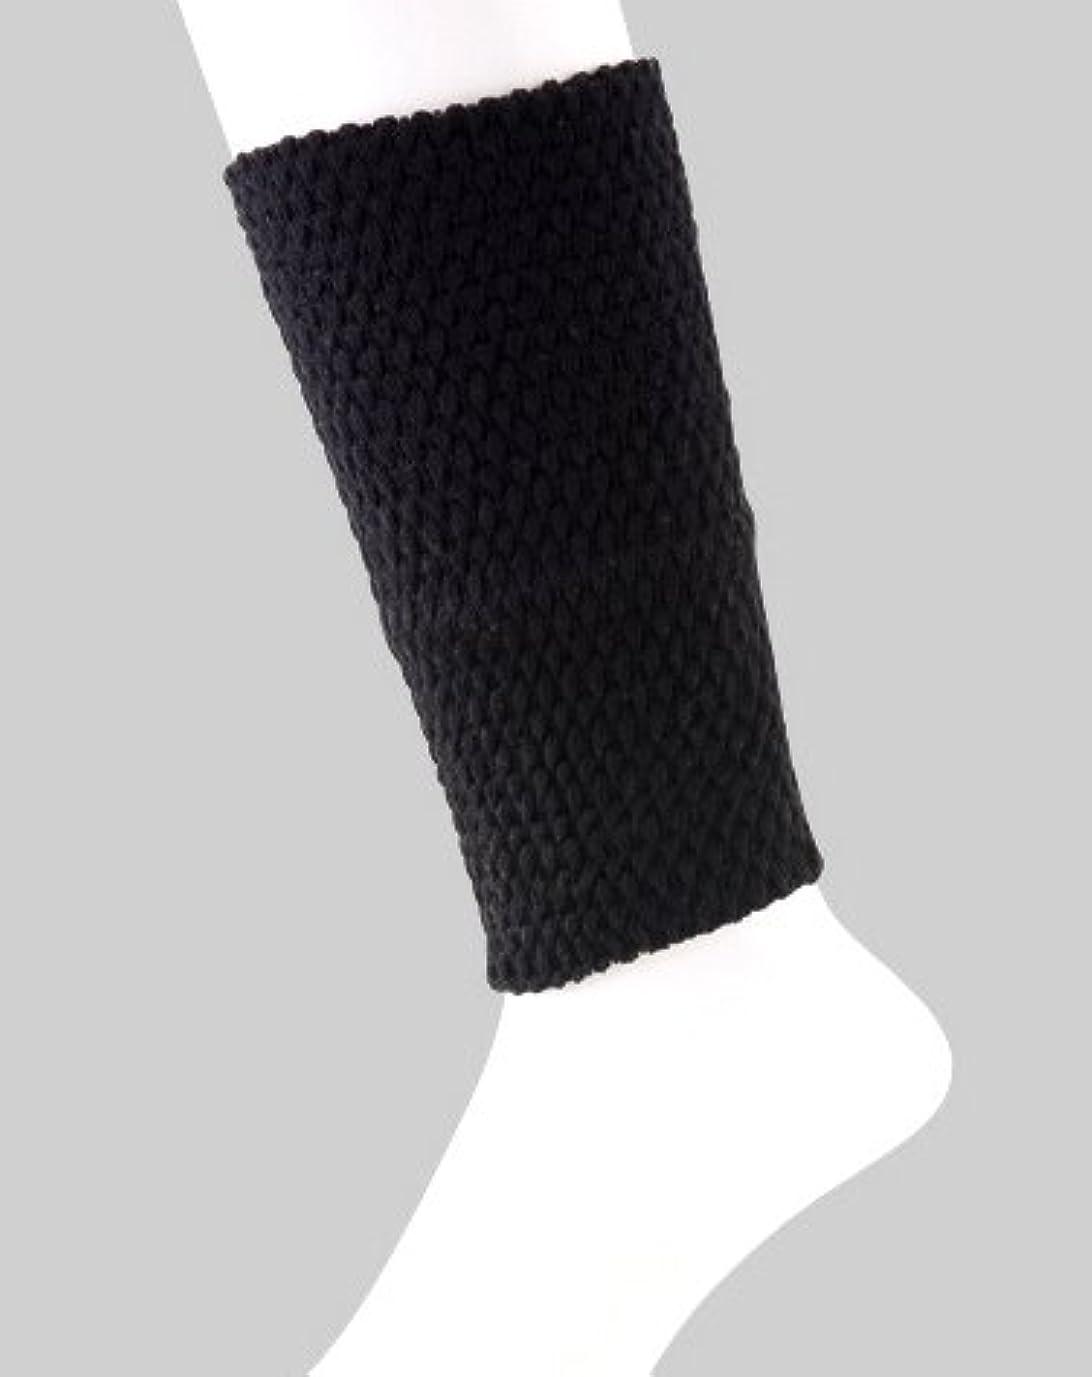 シールド文明粘着性日本製 足首ウォーマー 表綿100% 二重構造で暖かい 春夏 冷房対策 20cm丈 (ベージュ)